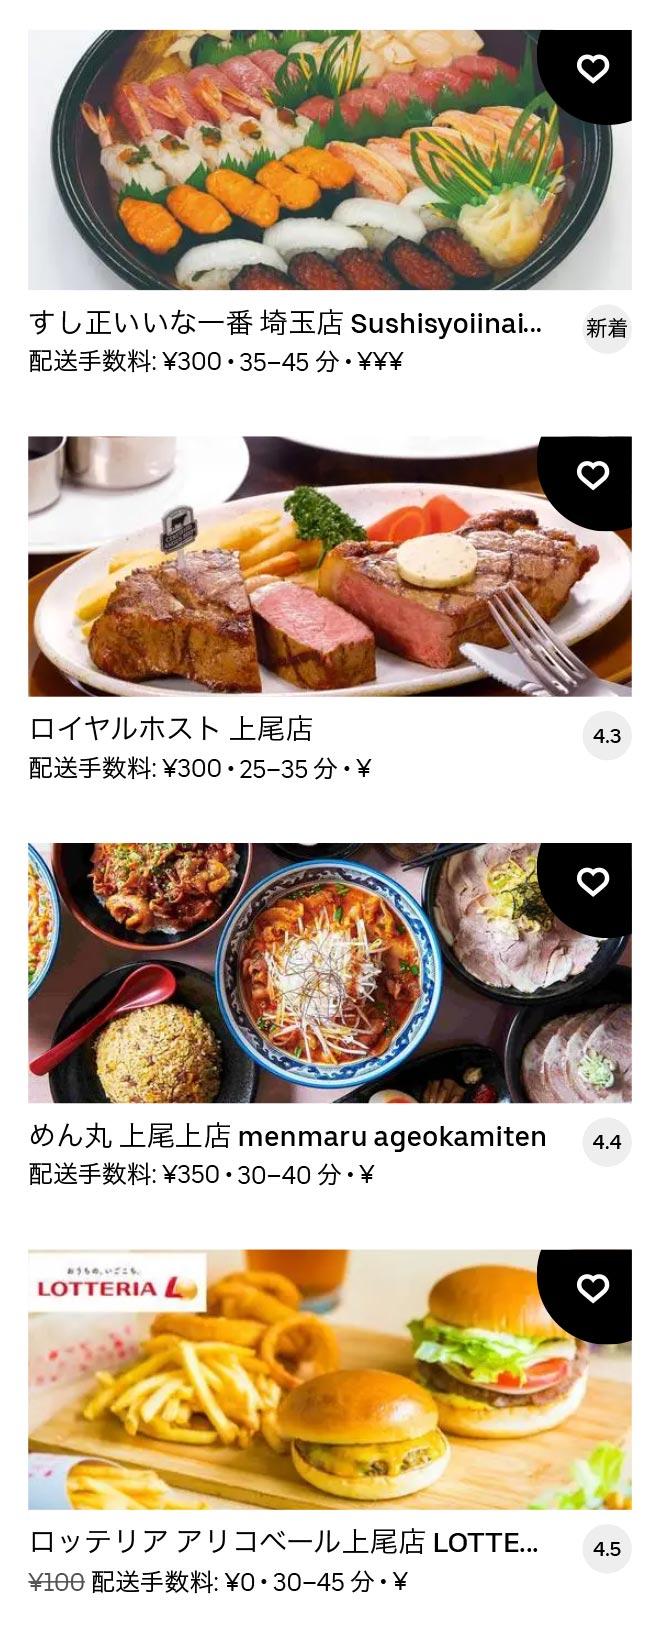 Ageo menu 2012 10